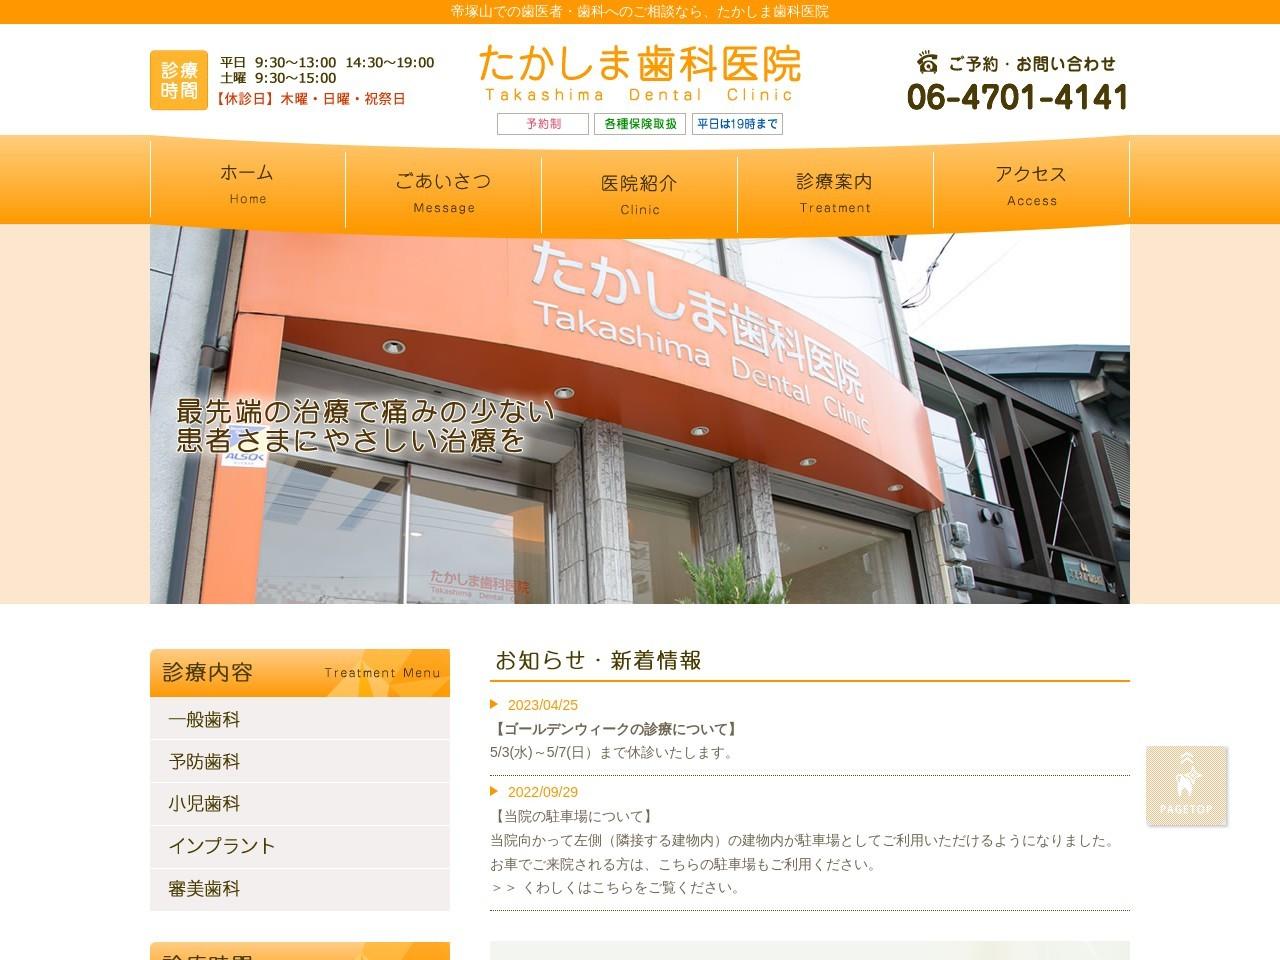 たかしま歯科医院 (大阪府大阪市住吉区)